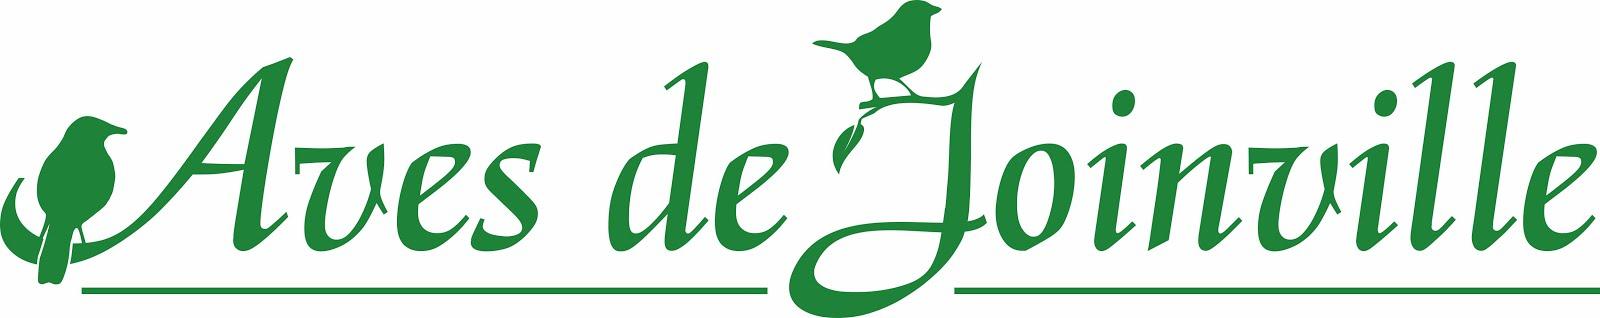 Aves de Joinville